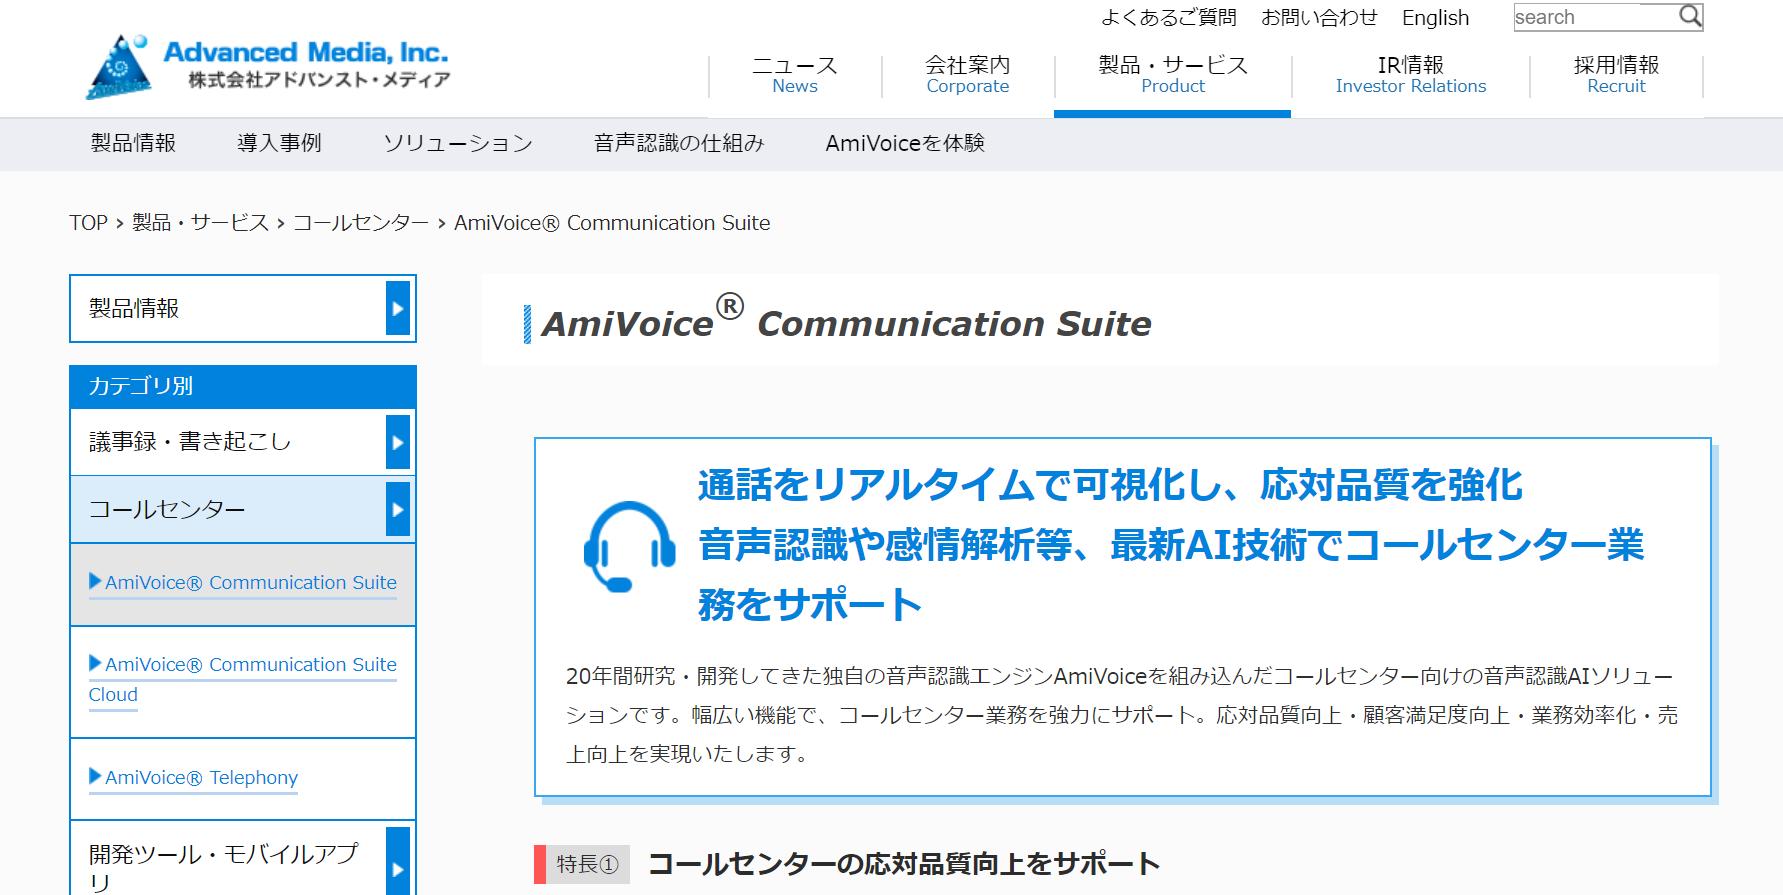 AmiVoice® Communication Suite